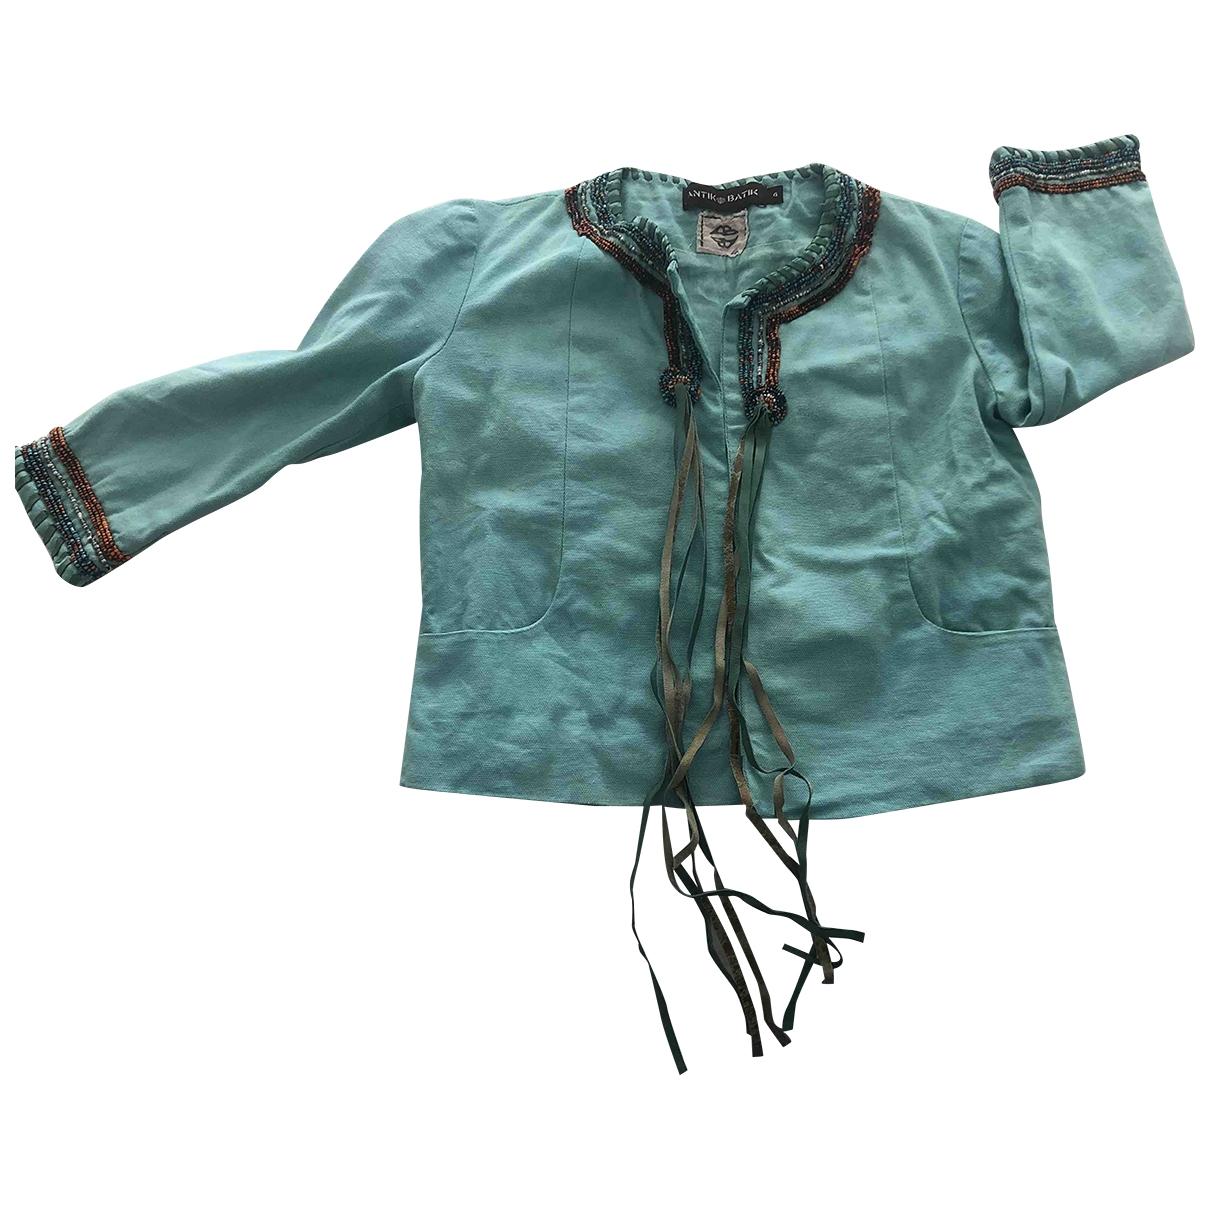 Antik Batik \N Jacke, Maentel in  Blau Baumwolle